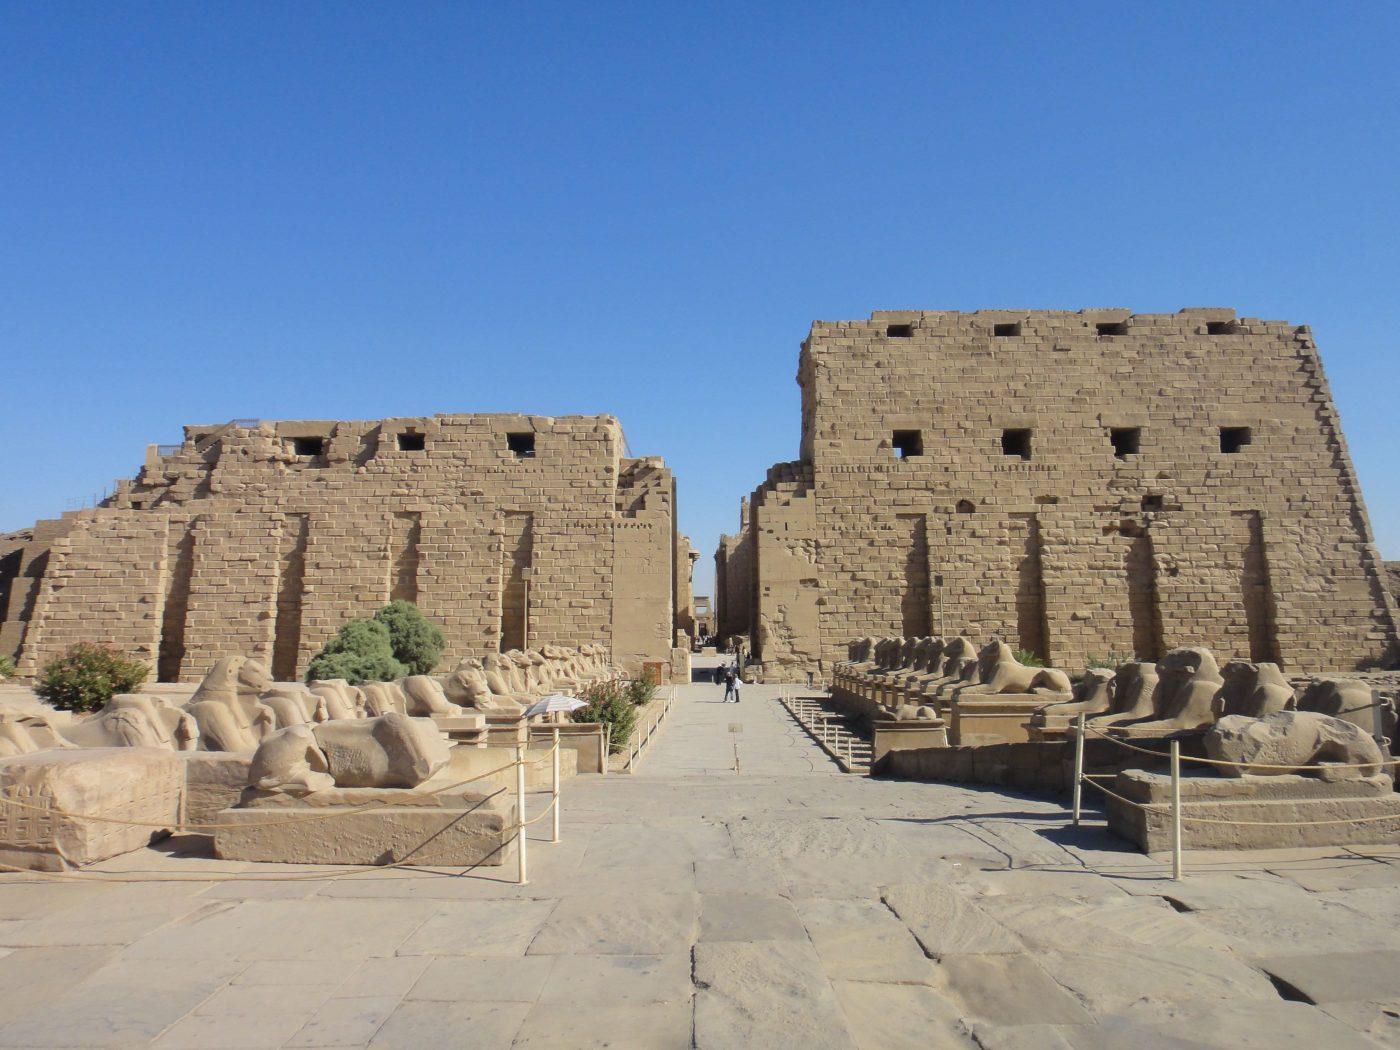 الإله من أعظم الأعياد السنوية في مصر القديمة . مراحل